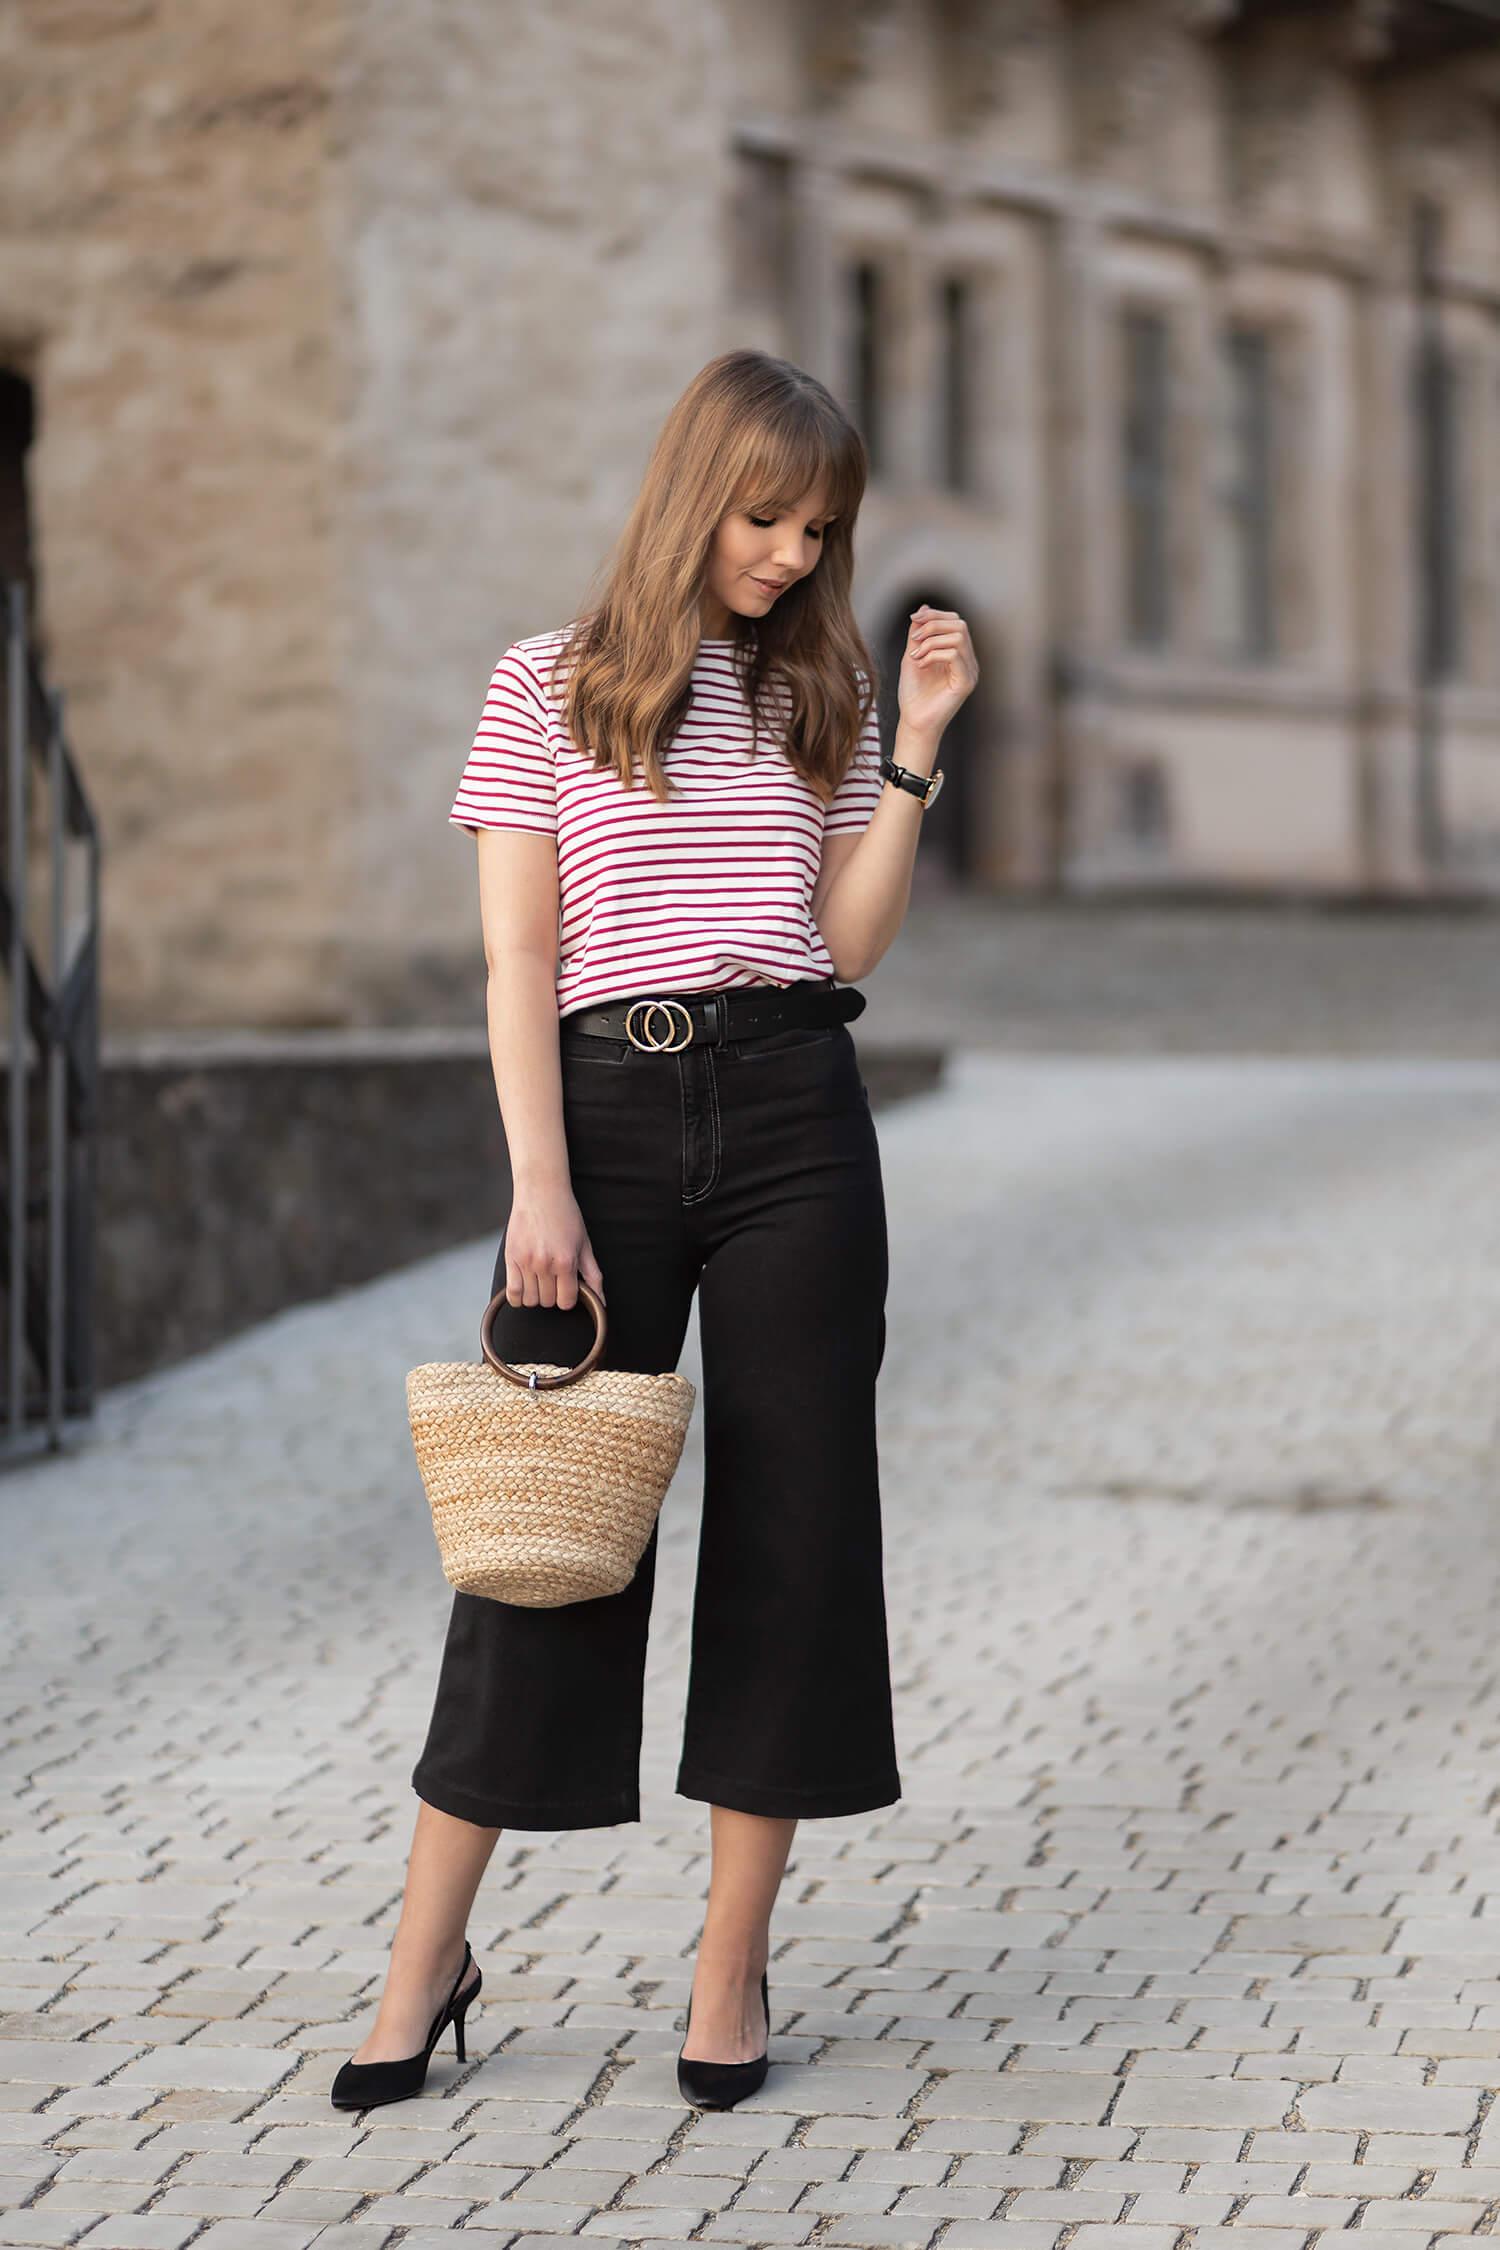 Streifen Shirt stylen, Styling-Ideen für den Sommer, Shoelove by Deichmann